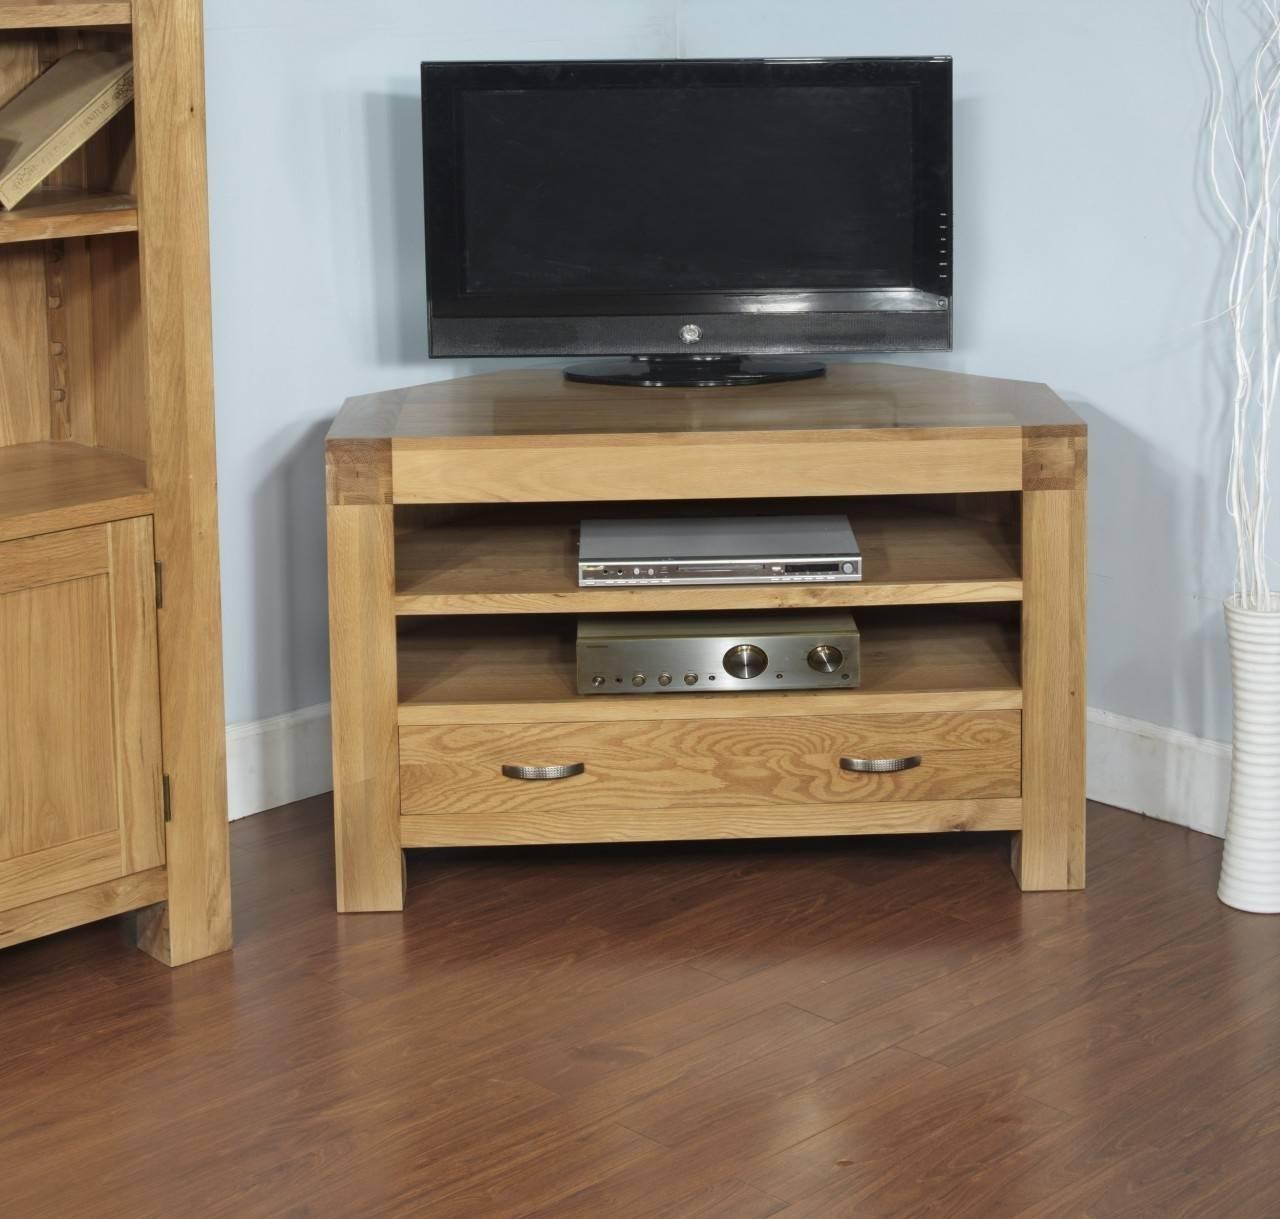 Small Corner Tv Cabinet Oak Small Corner Tv Cabinet Oak Light Oak with regard to Light Oak Corner Tv Cabinets (Image 9 of 15)